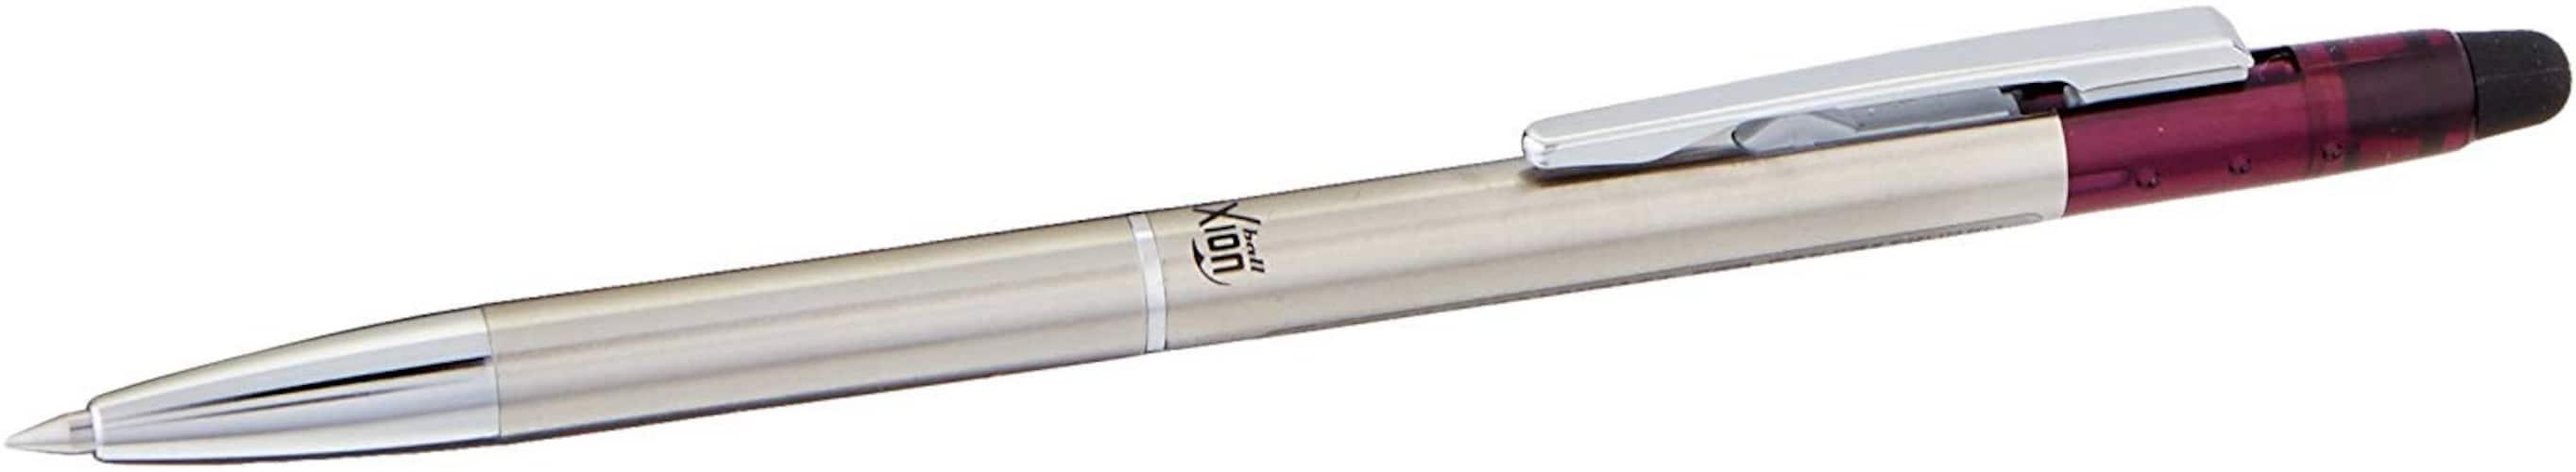 ・フリクションペンは書き損じても修正可能!